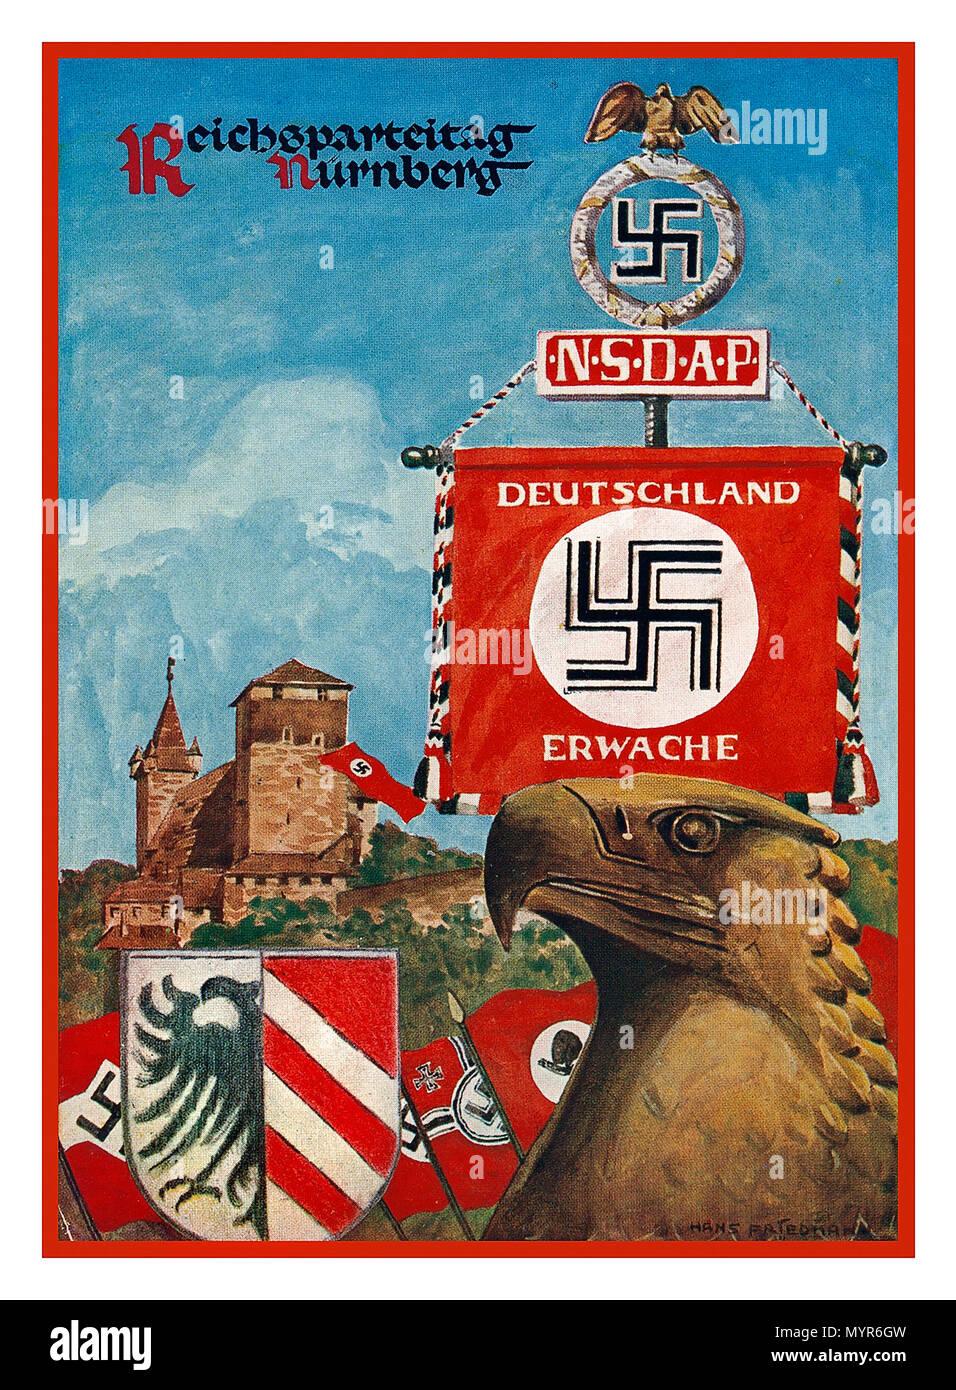 Vintage 1930's Nazi Nuremberg  Rally Poster postcard NSDAP Reichsparteitag Nürnberg 1930's with Swastika banner 'Germany Awake' Nationalsozialistische Deutsche Arbeiter-Partei.--Reichsparteitag - Stock Image